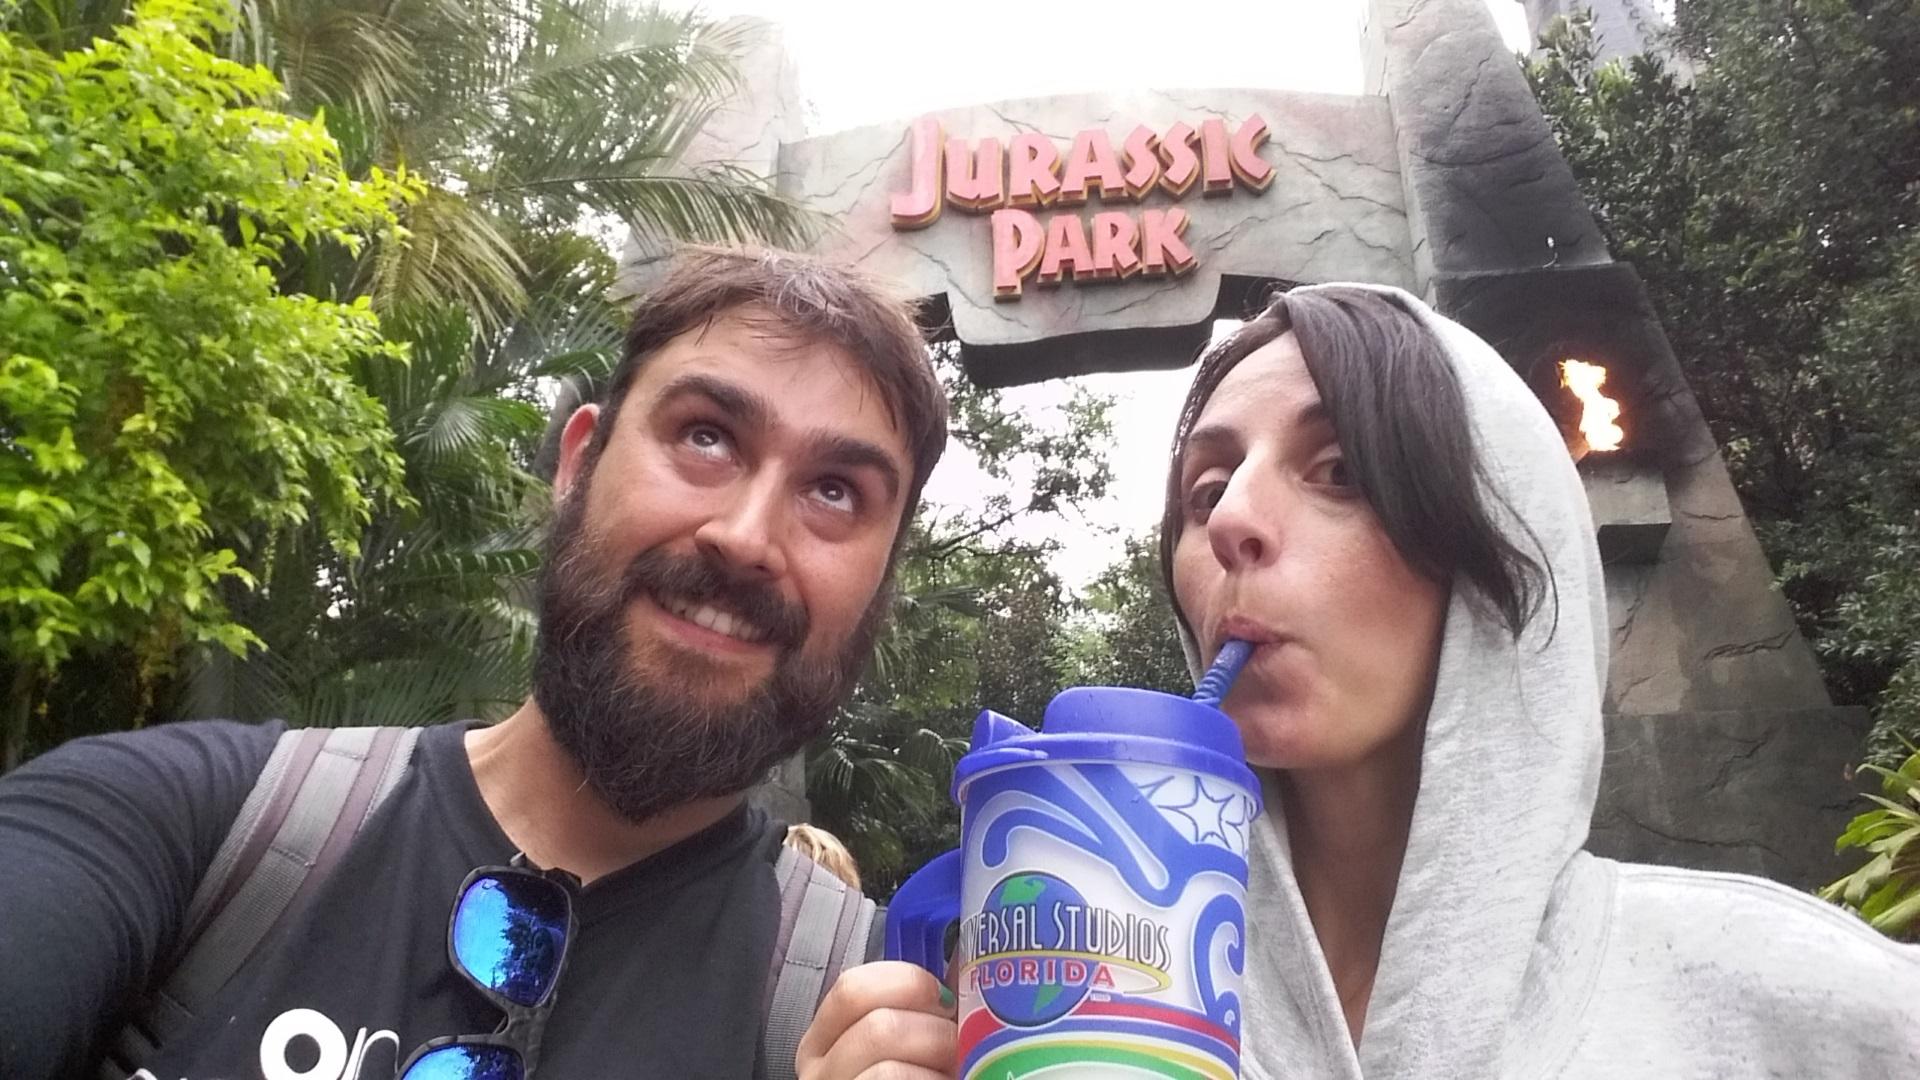 jurassik park door universal orlando